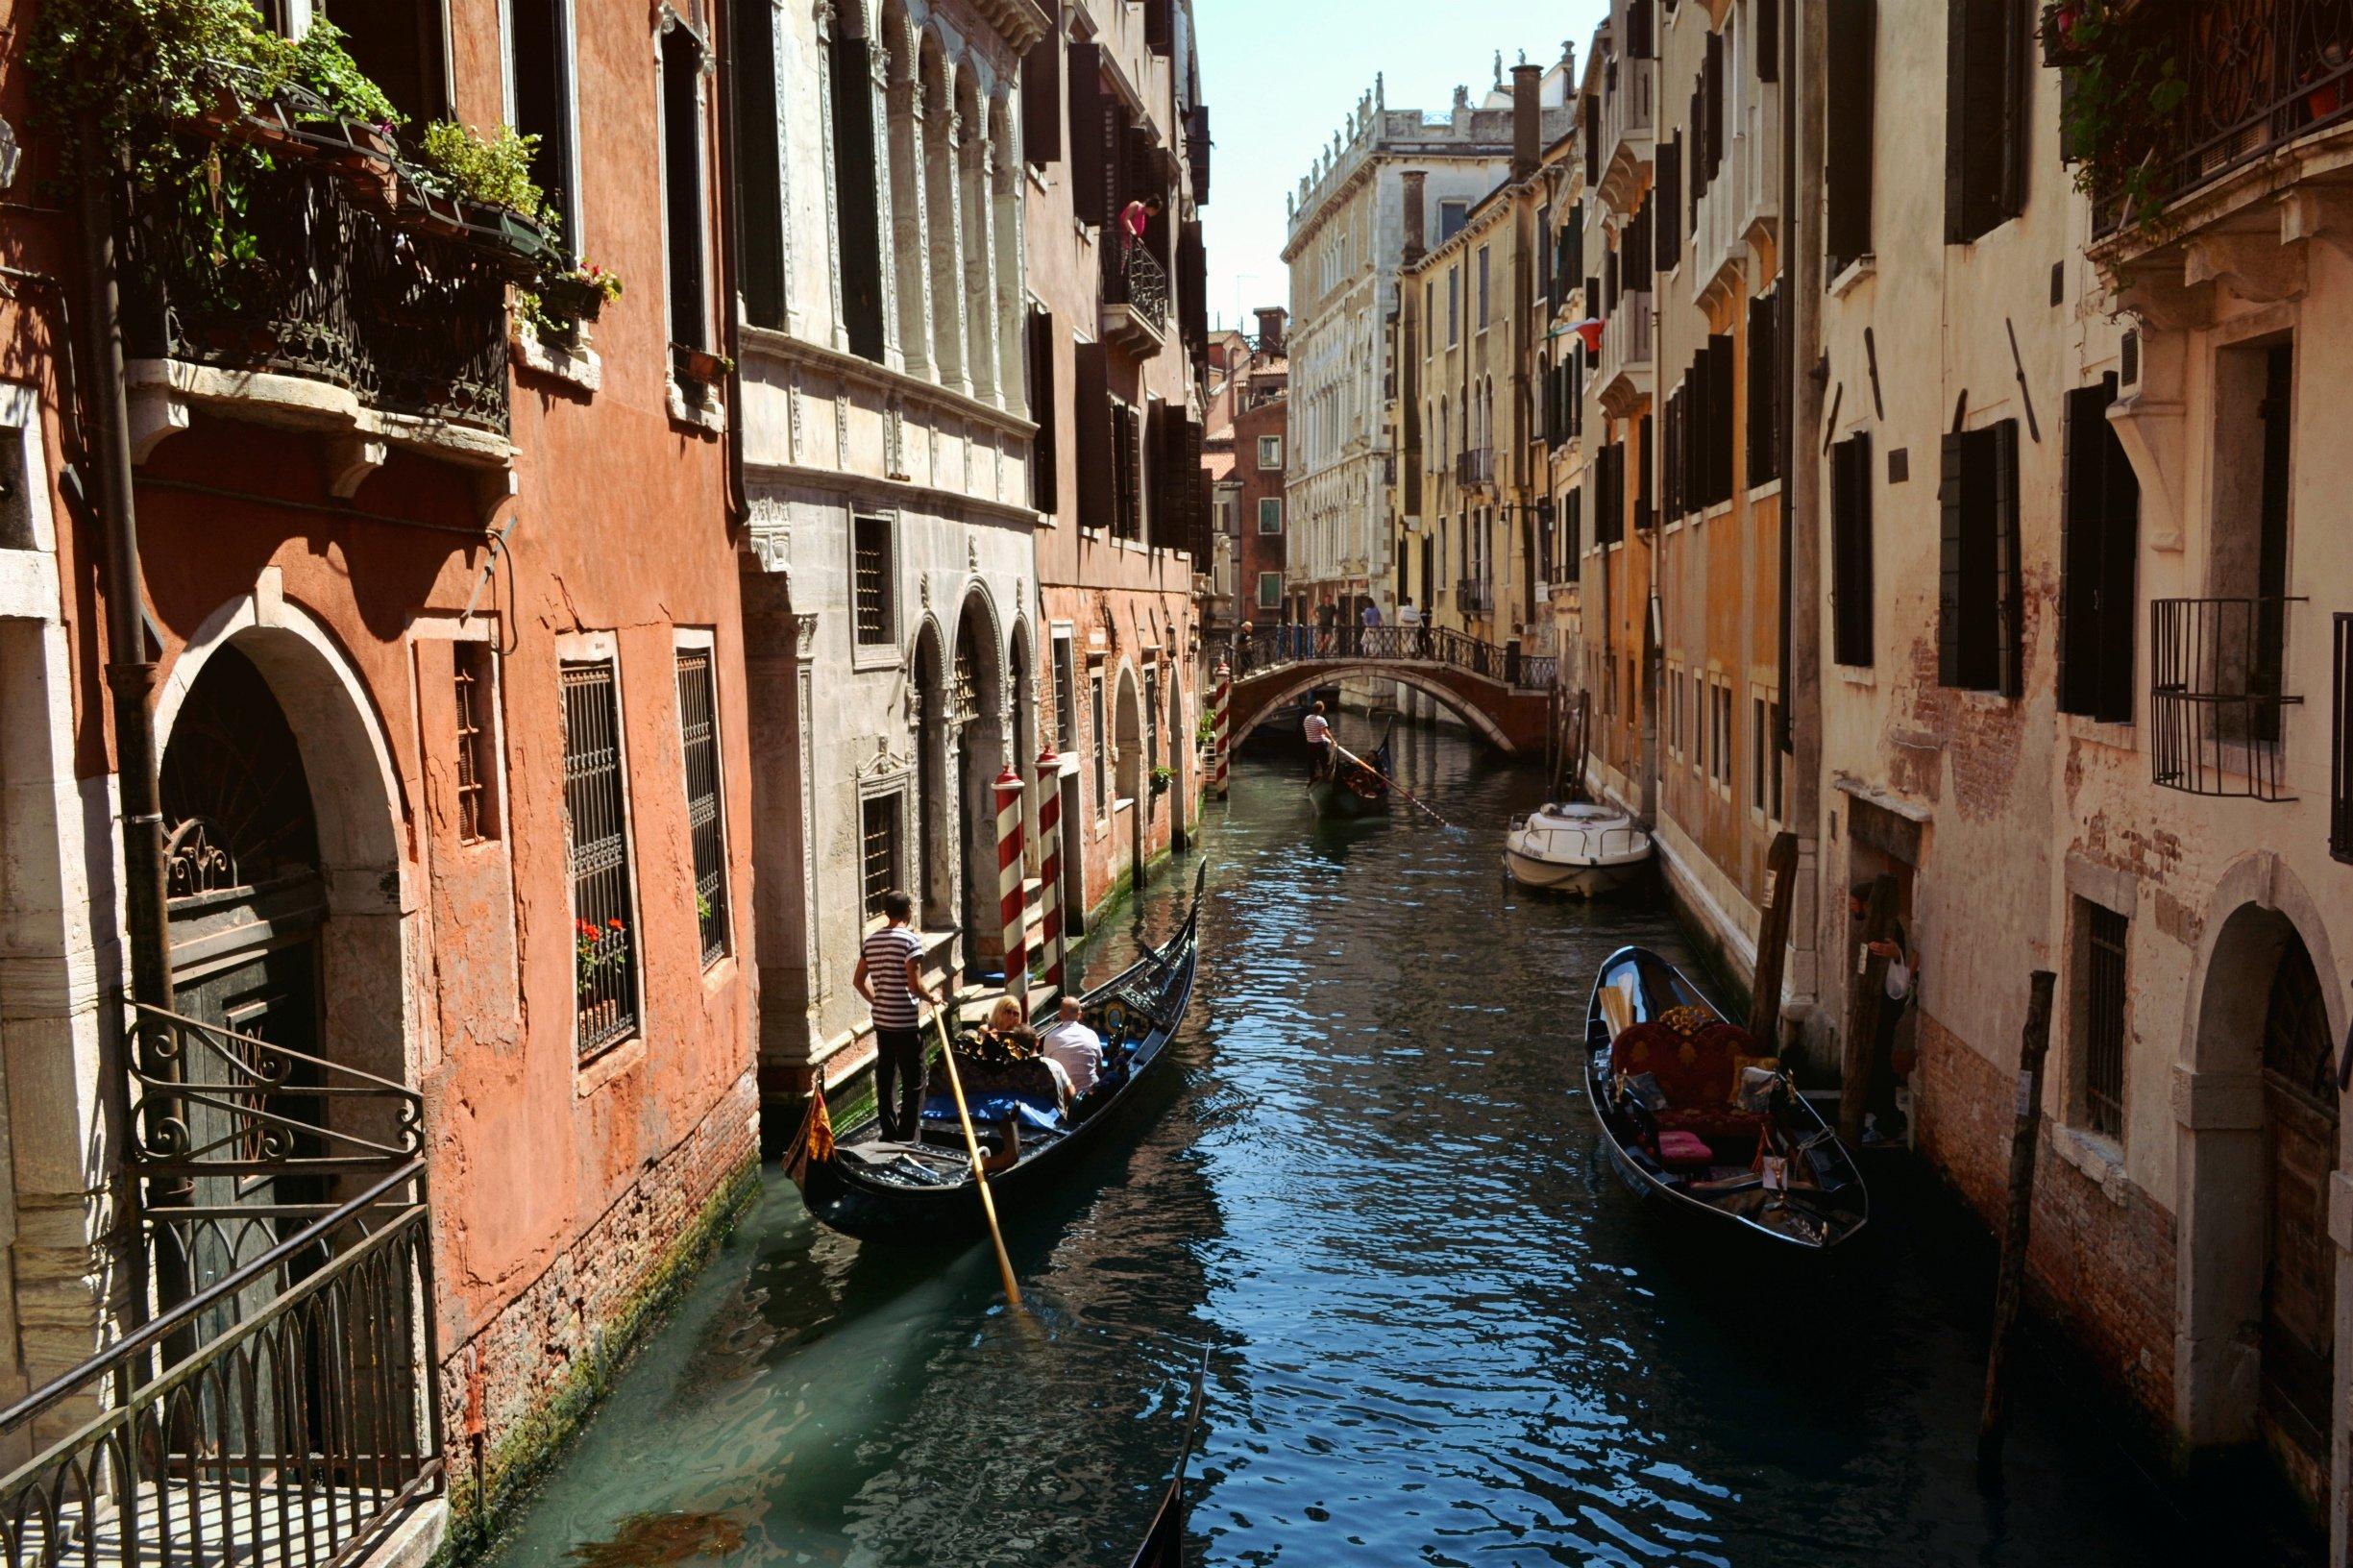 способности начали фото итальянских улиц большого разрешения эстетической